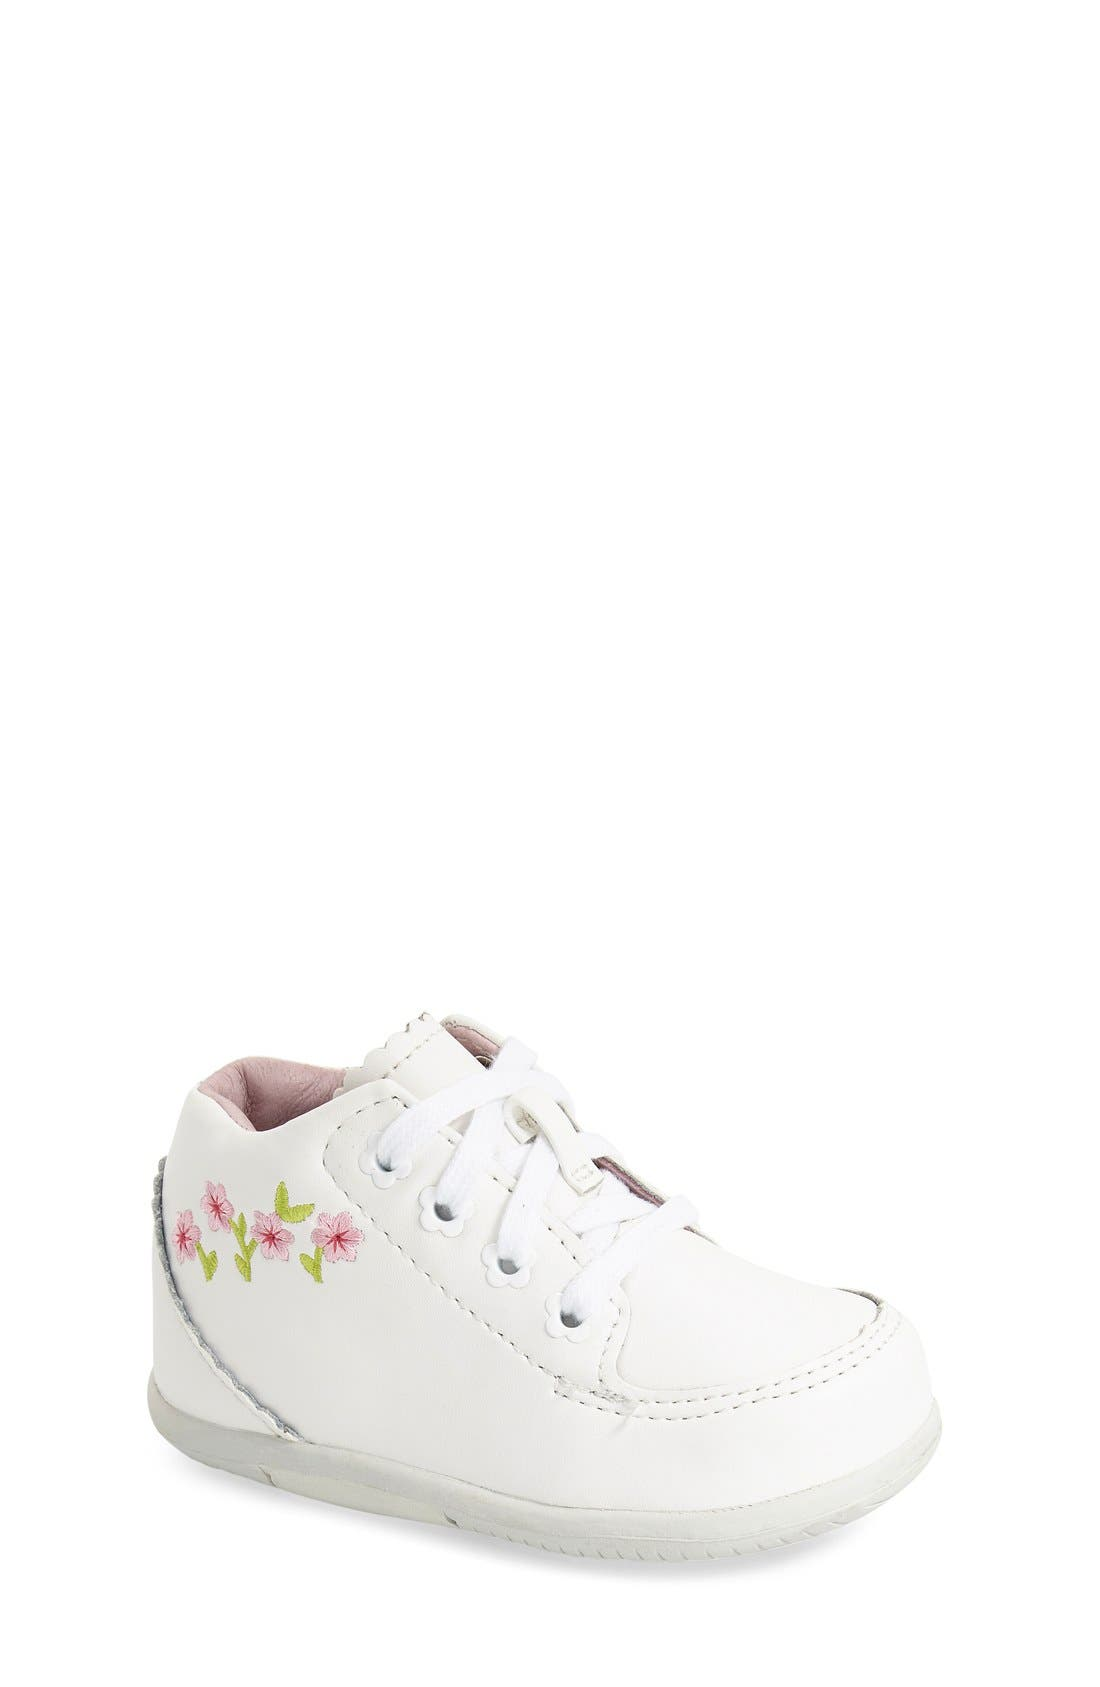 STRIDE RITE 'Emilia' Leather Boot, Main, color, WHITE